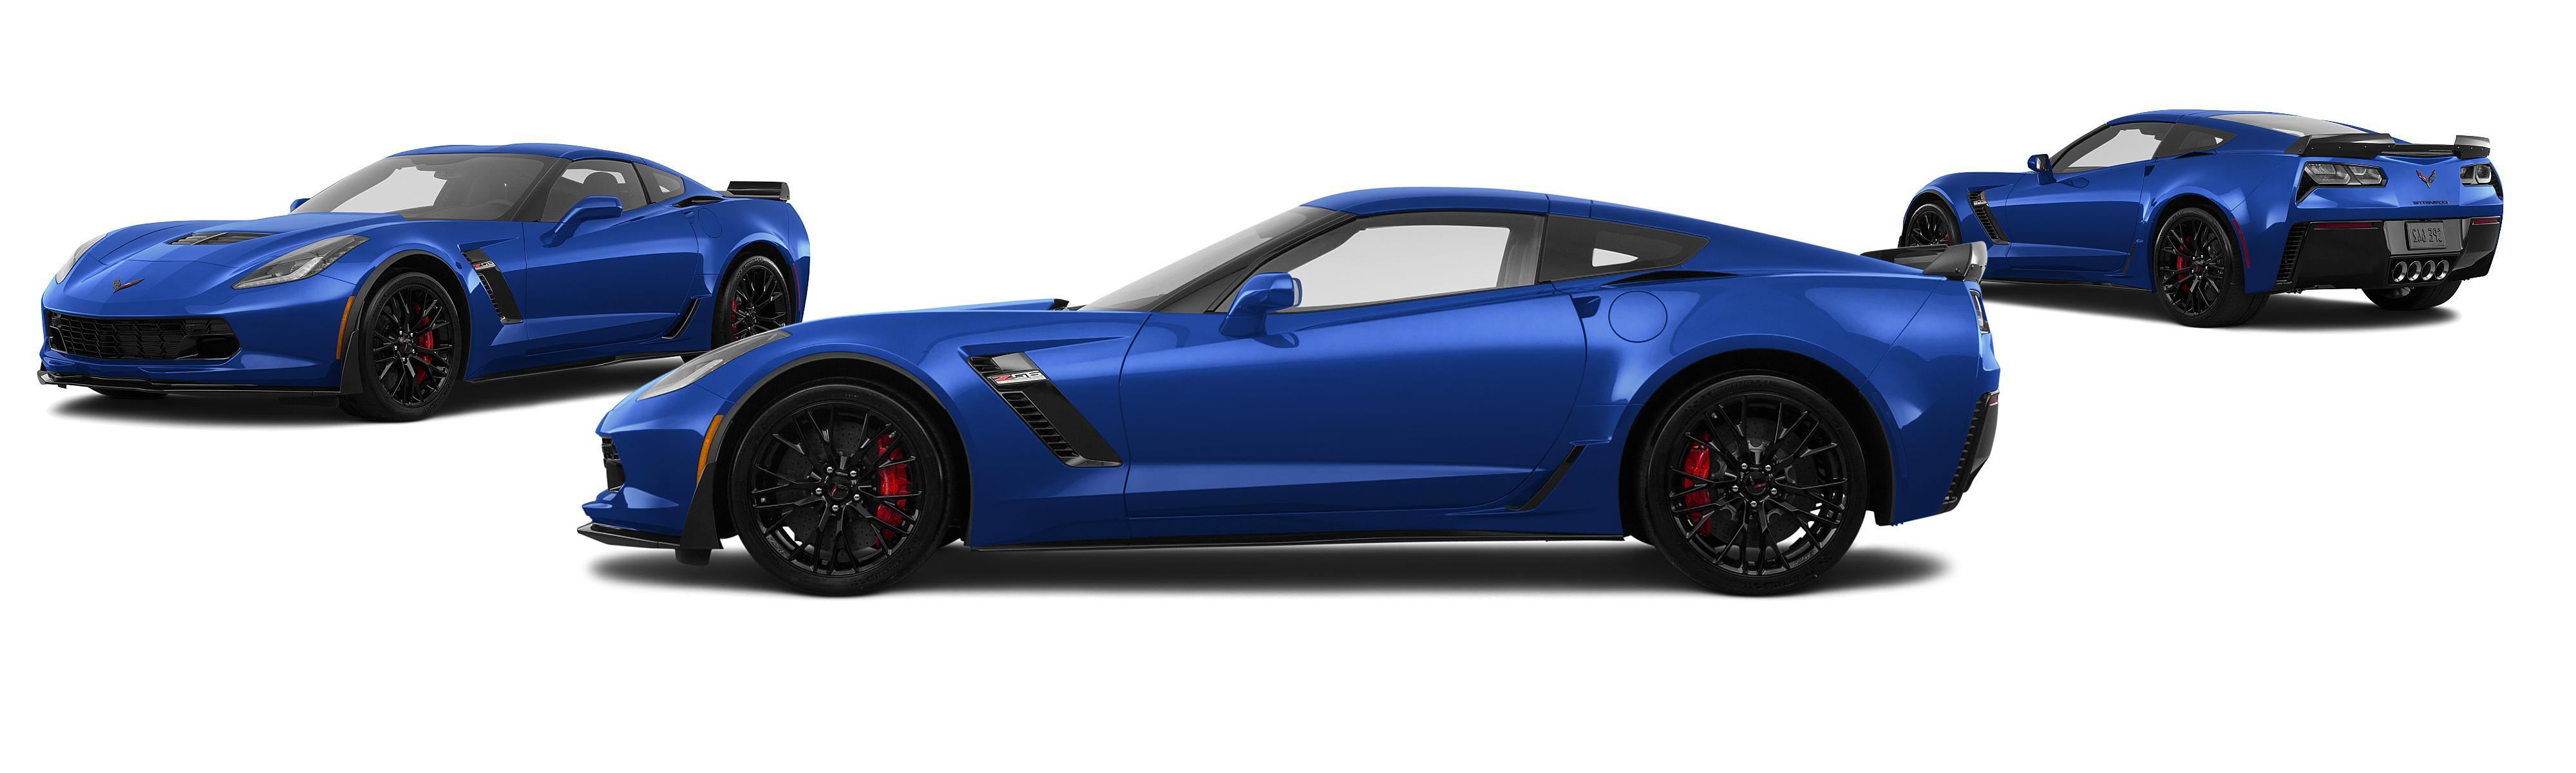 2019 chevrolet corvette z06 2dr coupe w 2lz research groovecar rh groovecar com